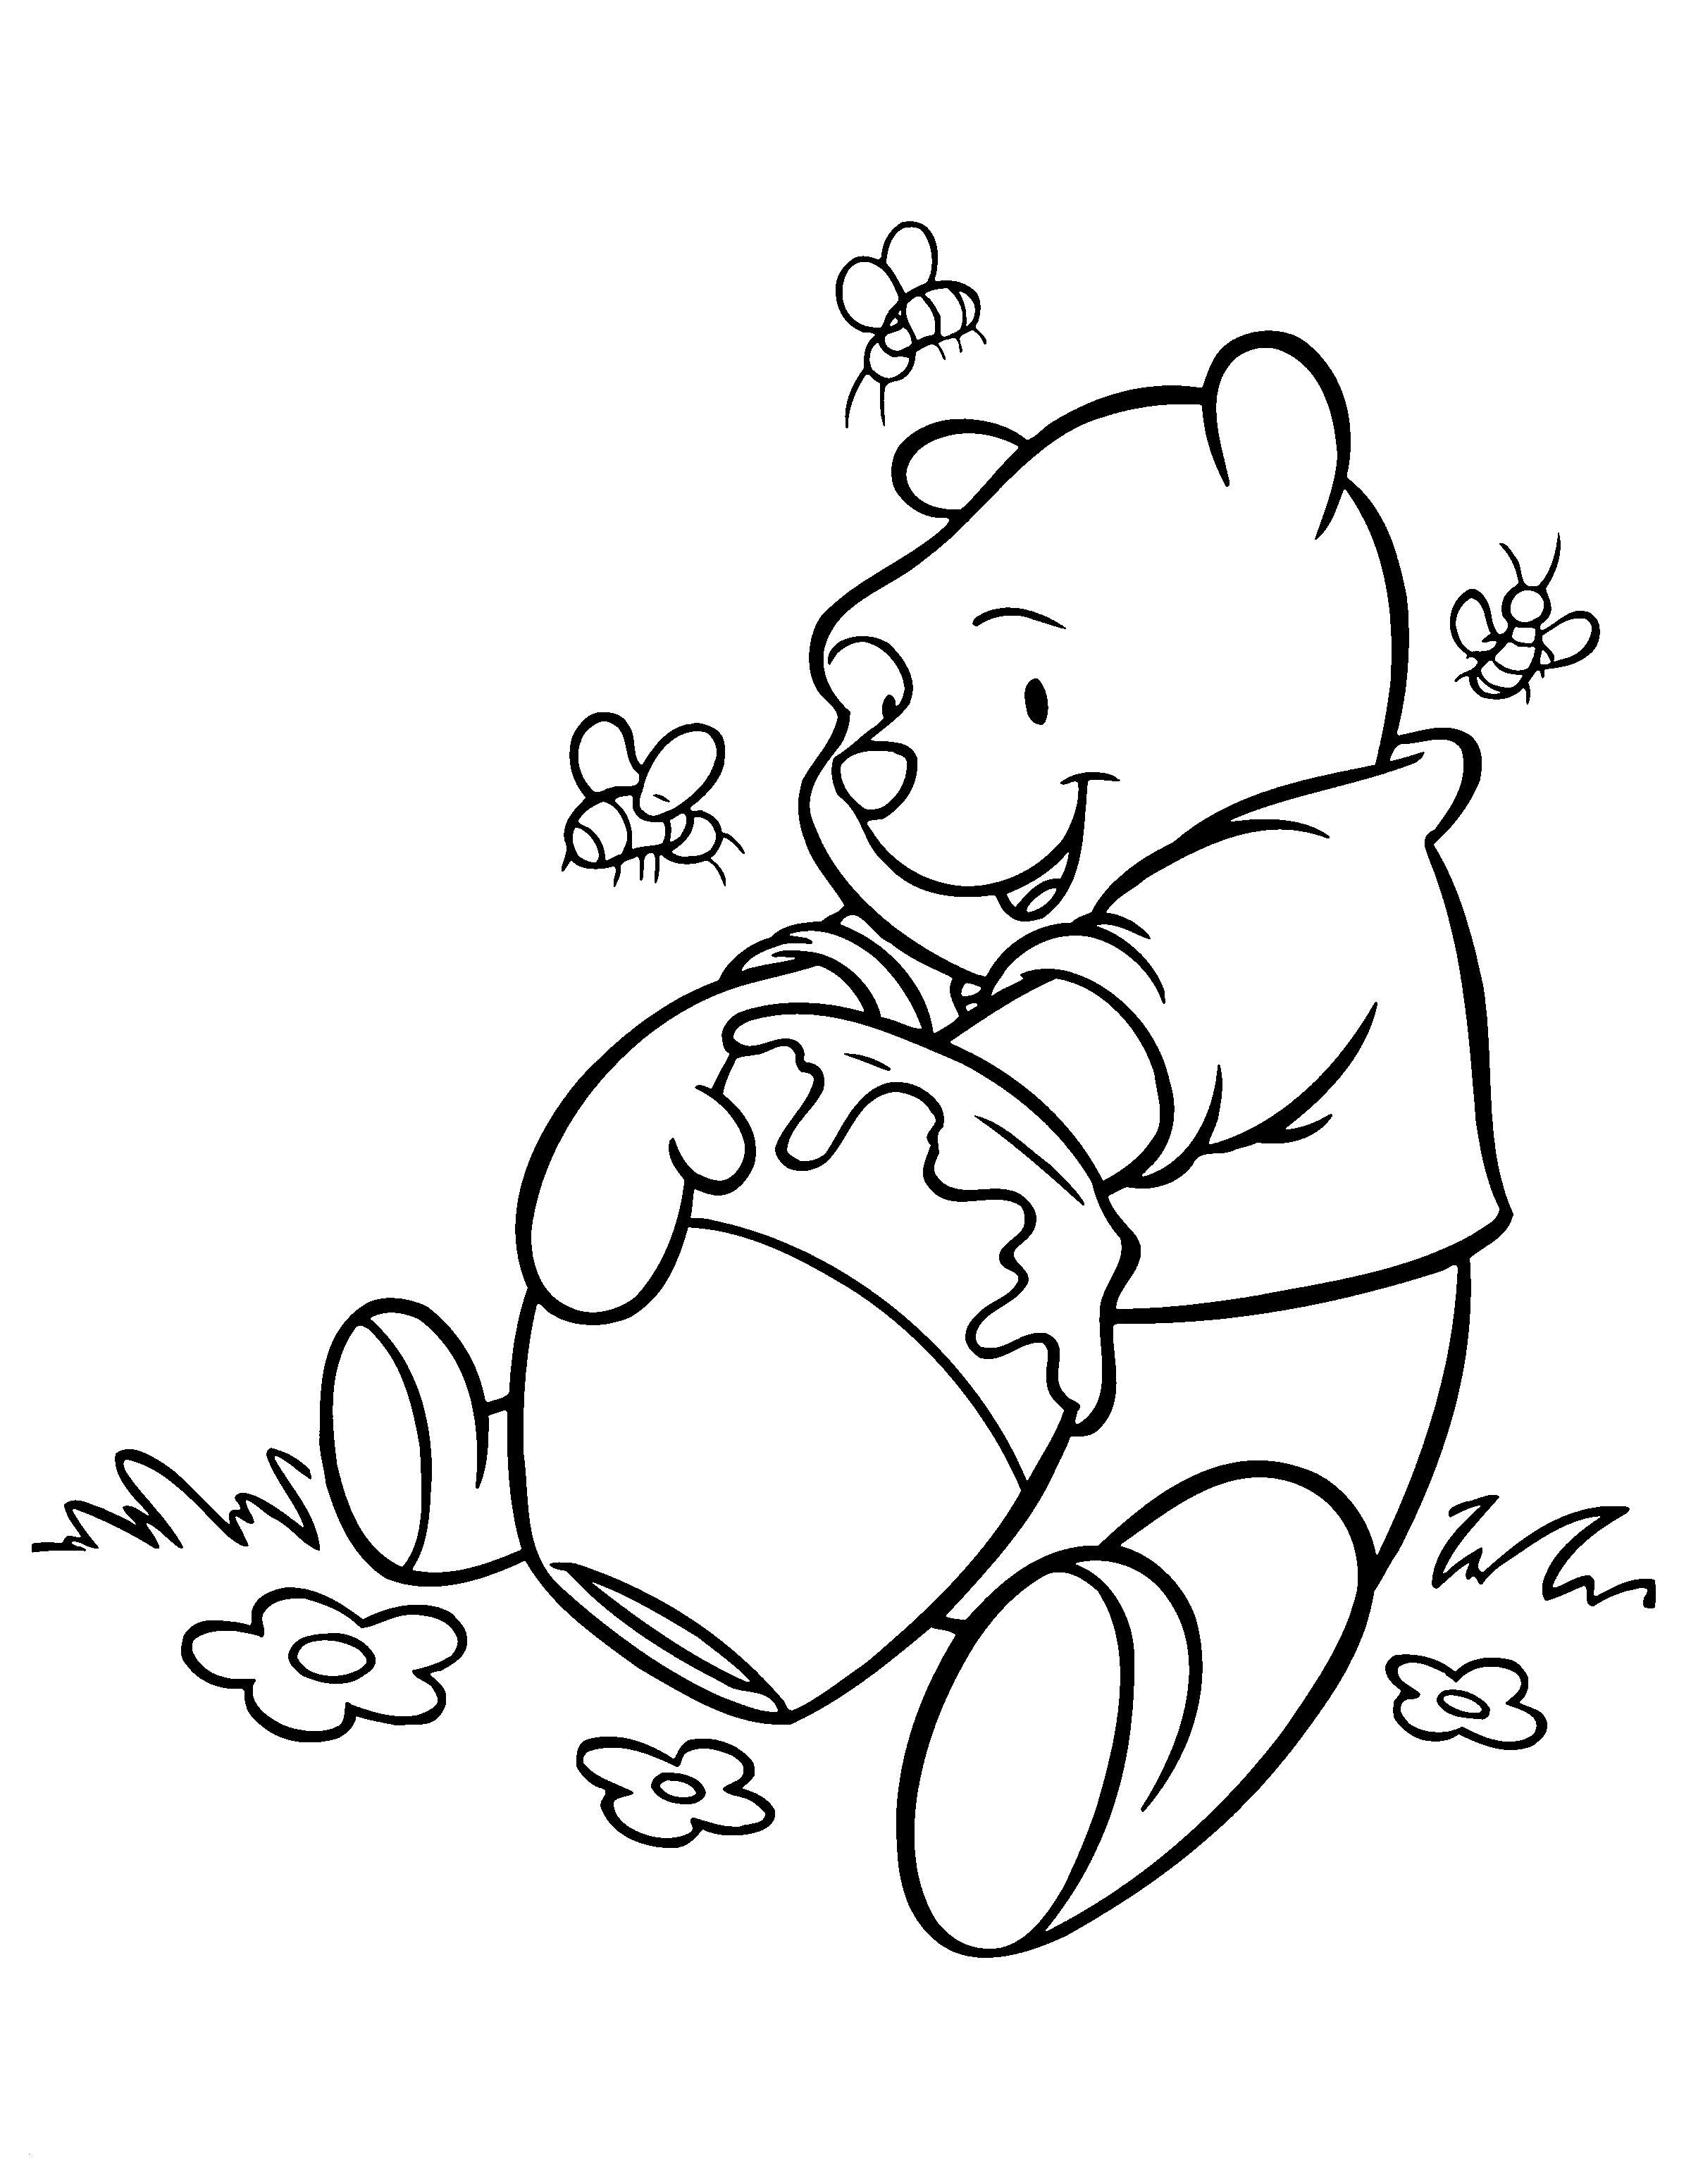 Malvorlagen Winnie Pooh Das Beste Von 47 Best Malvorlagen Winnie Pooh Beste Malvorlage Das Bild